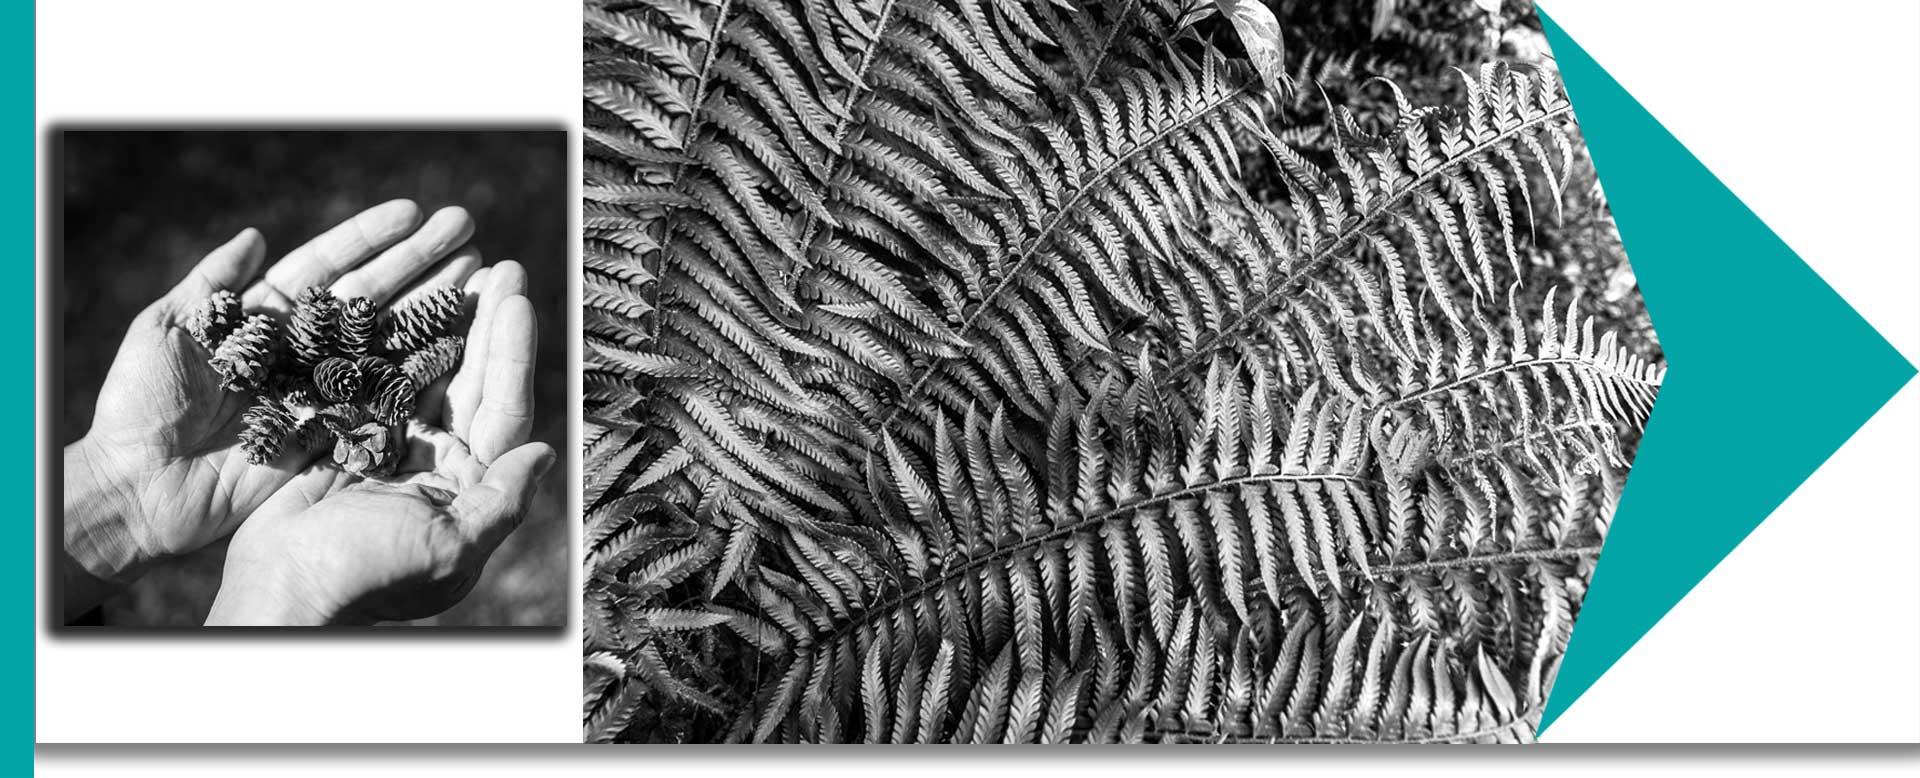 f Stunning Black and Whites 6jpg - ویژگی عکس های سیاه و سفید کدامند و چگونه میتوان به آنها دست یافت ؟